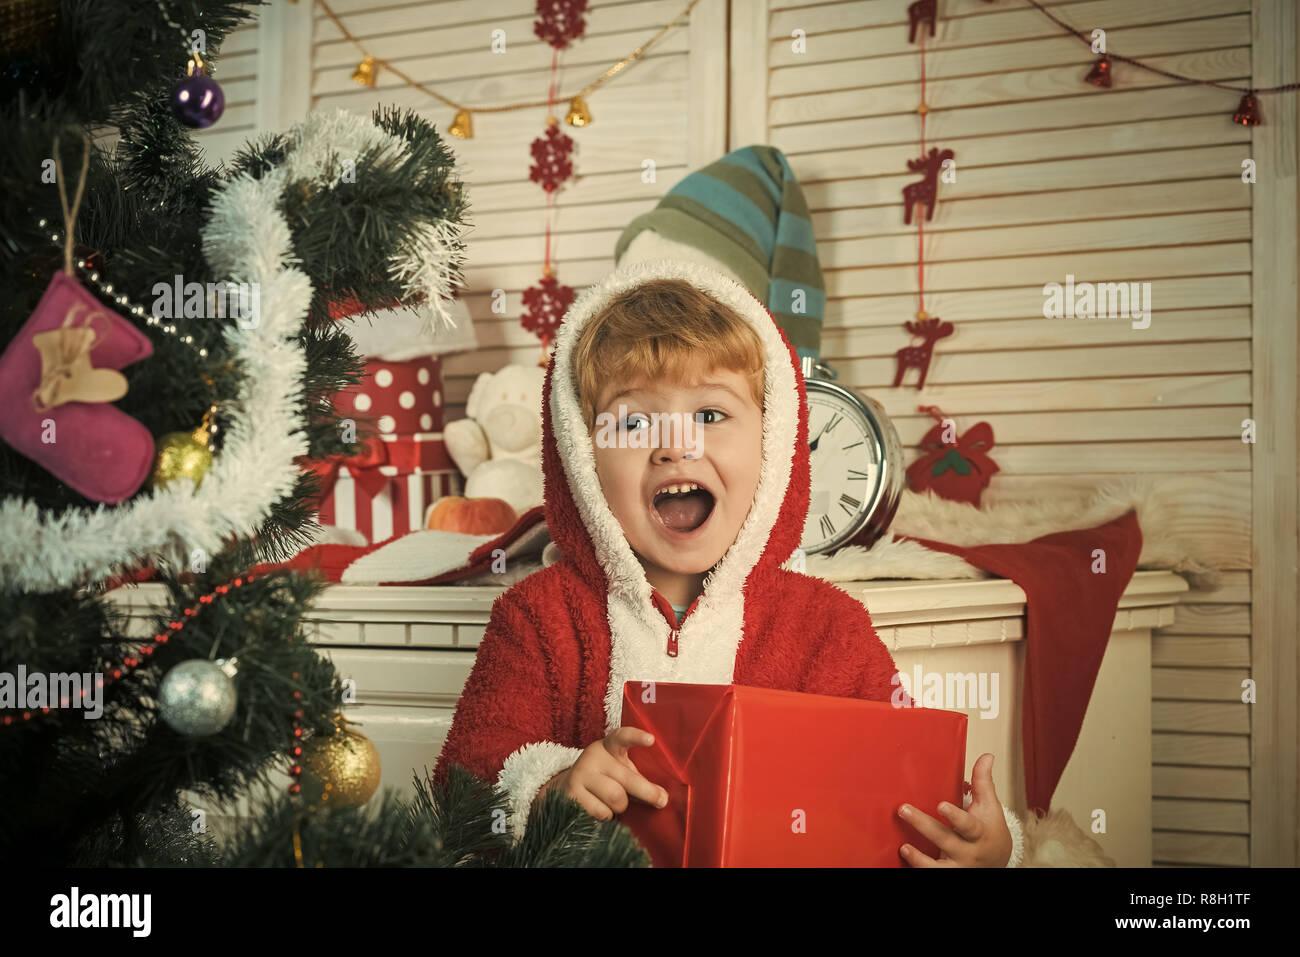 Santa claus kid decorating Christmas tree.. - Stock Image